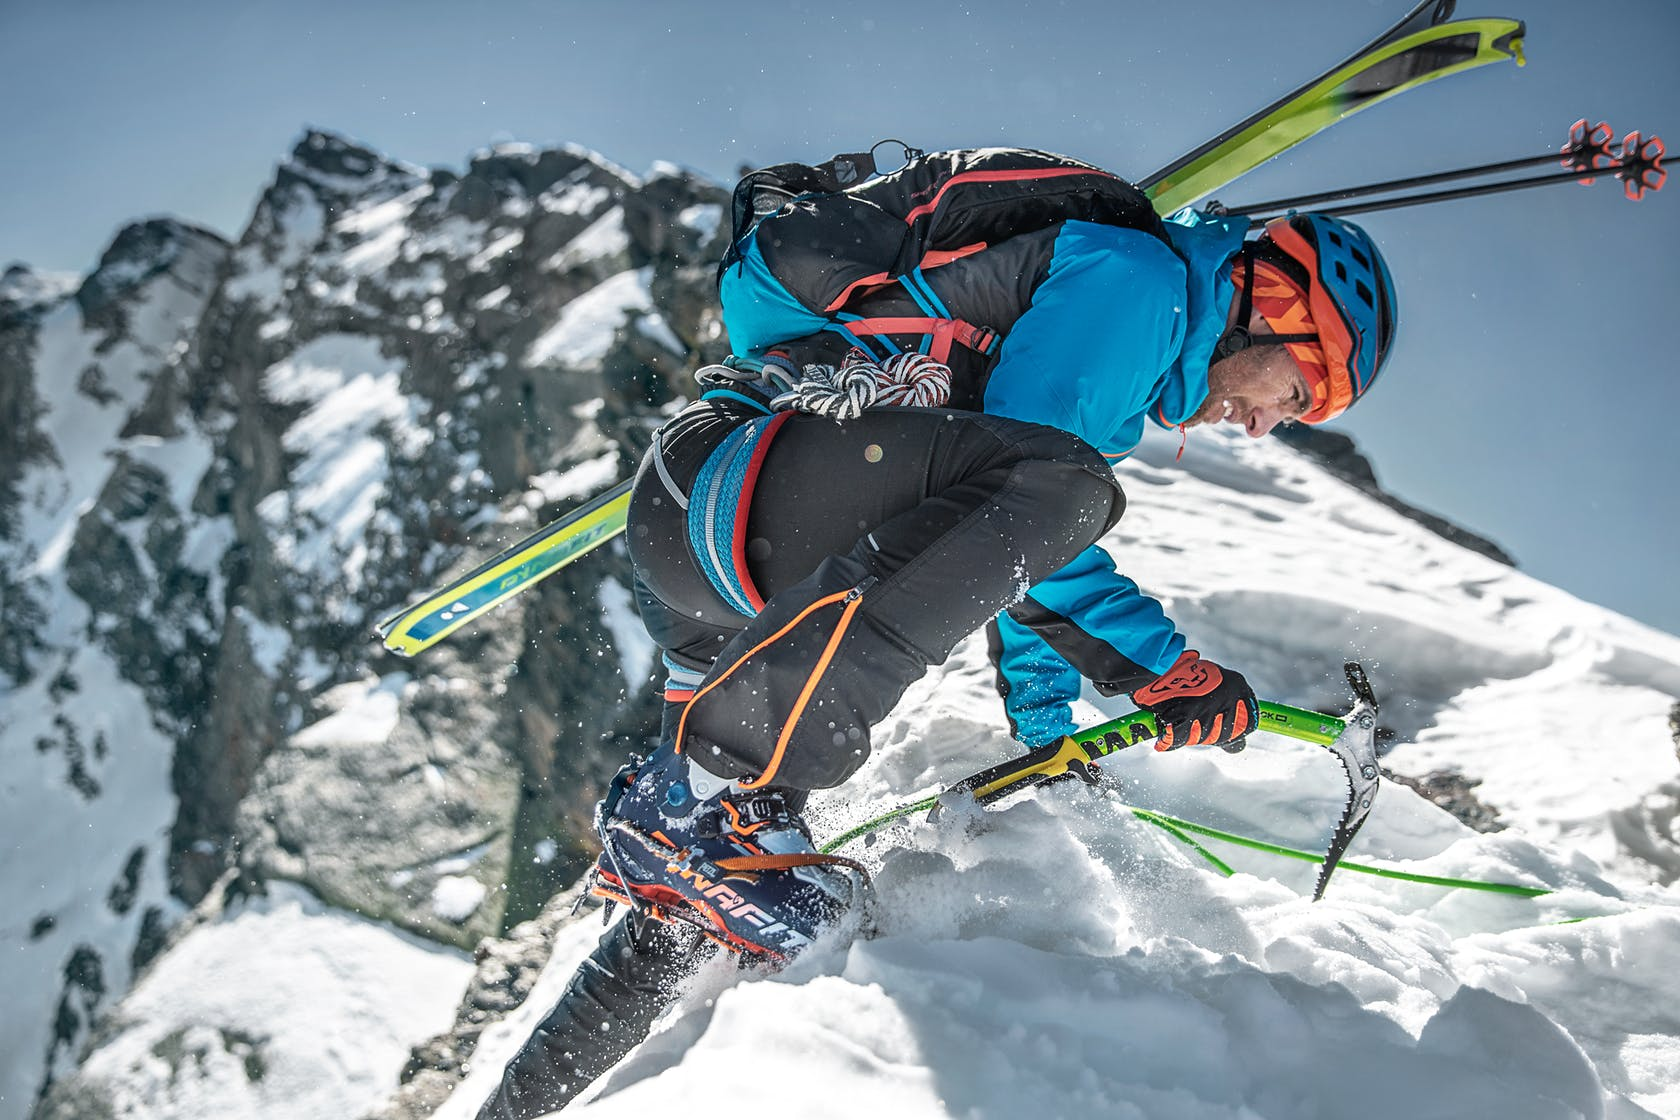 dynafit skitouren ausruestung